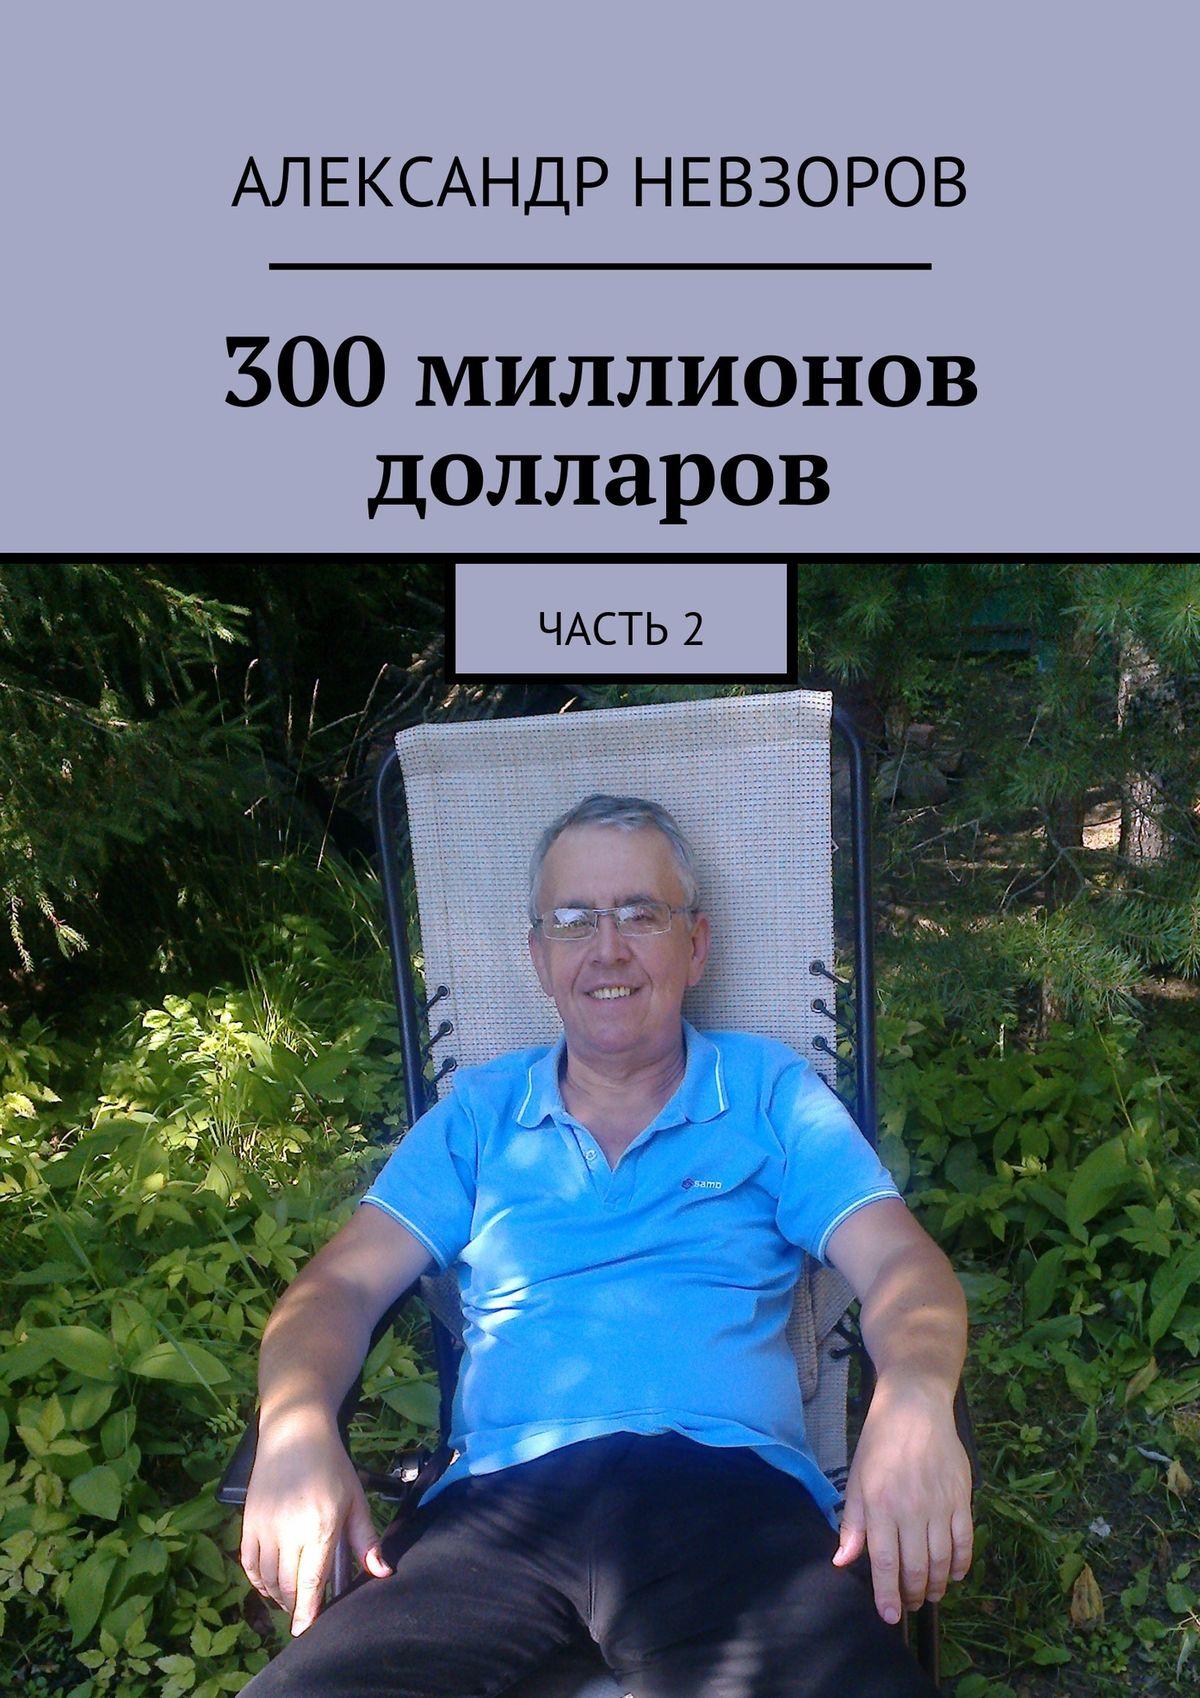 Александр Невзоров 300 миллионов долларов. Часть 2 александр невзоров $ 300million part 3 faith